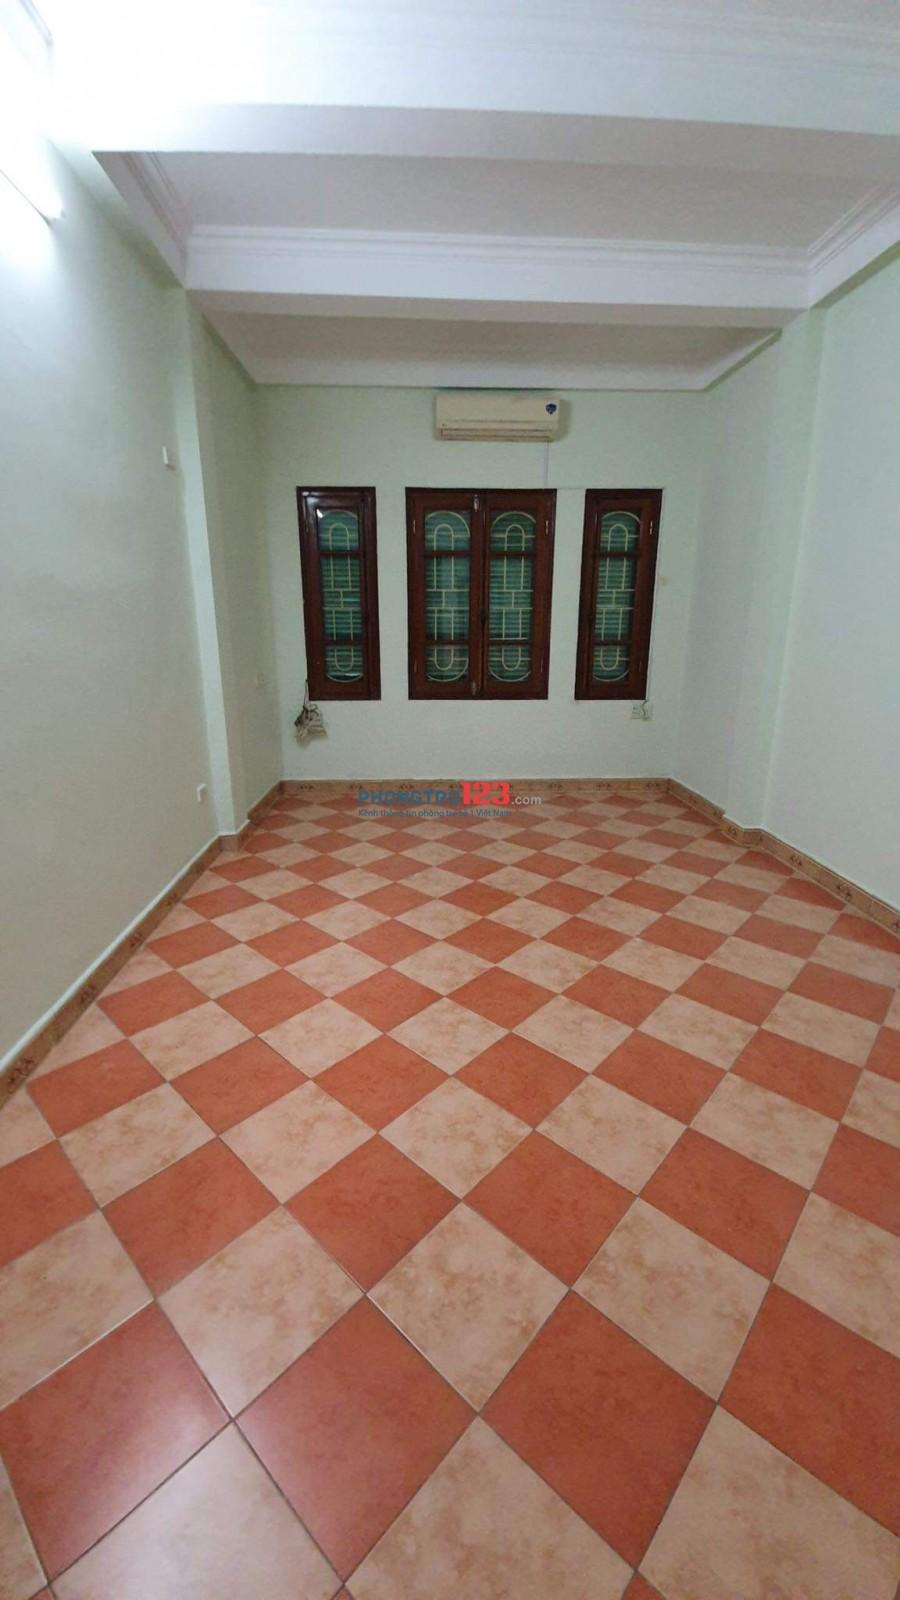 Cho thuê nhà nguyên căn 124 Nguyễn Xiển, Thanh Xuân, Hà Nội